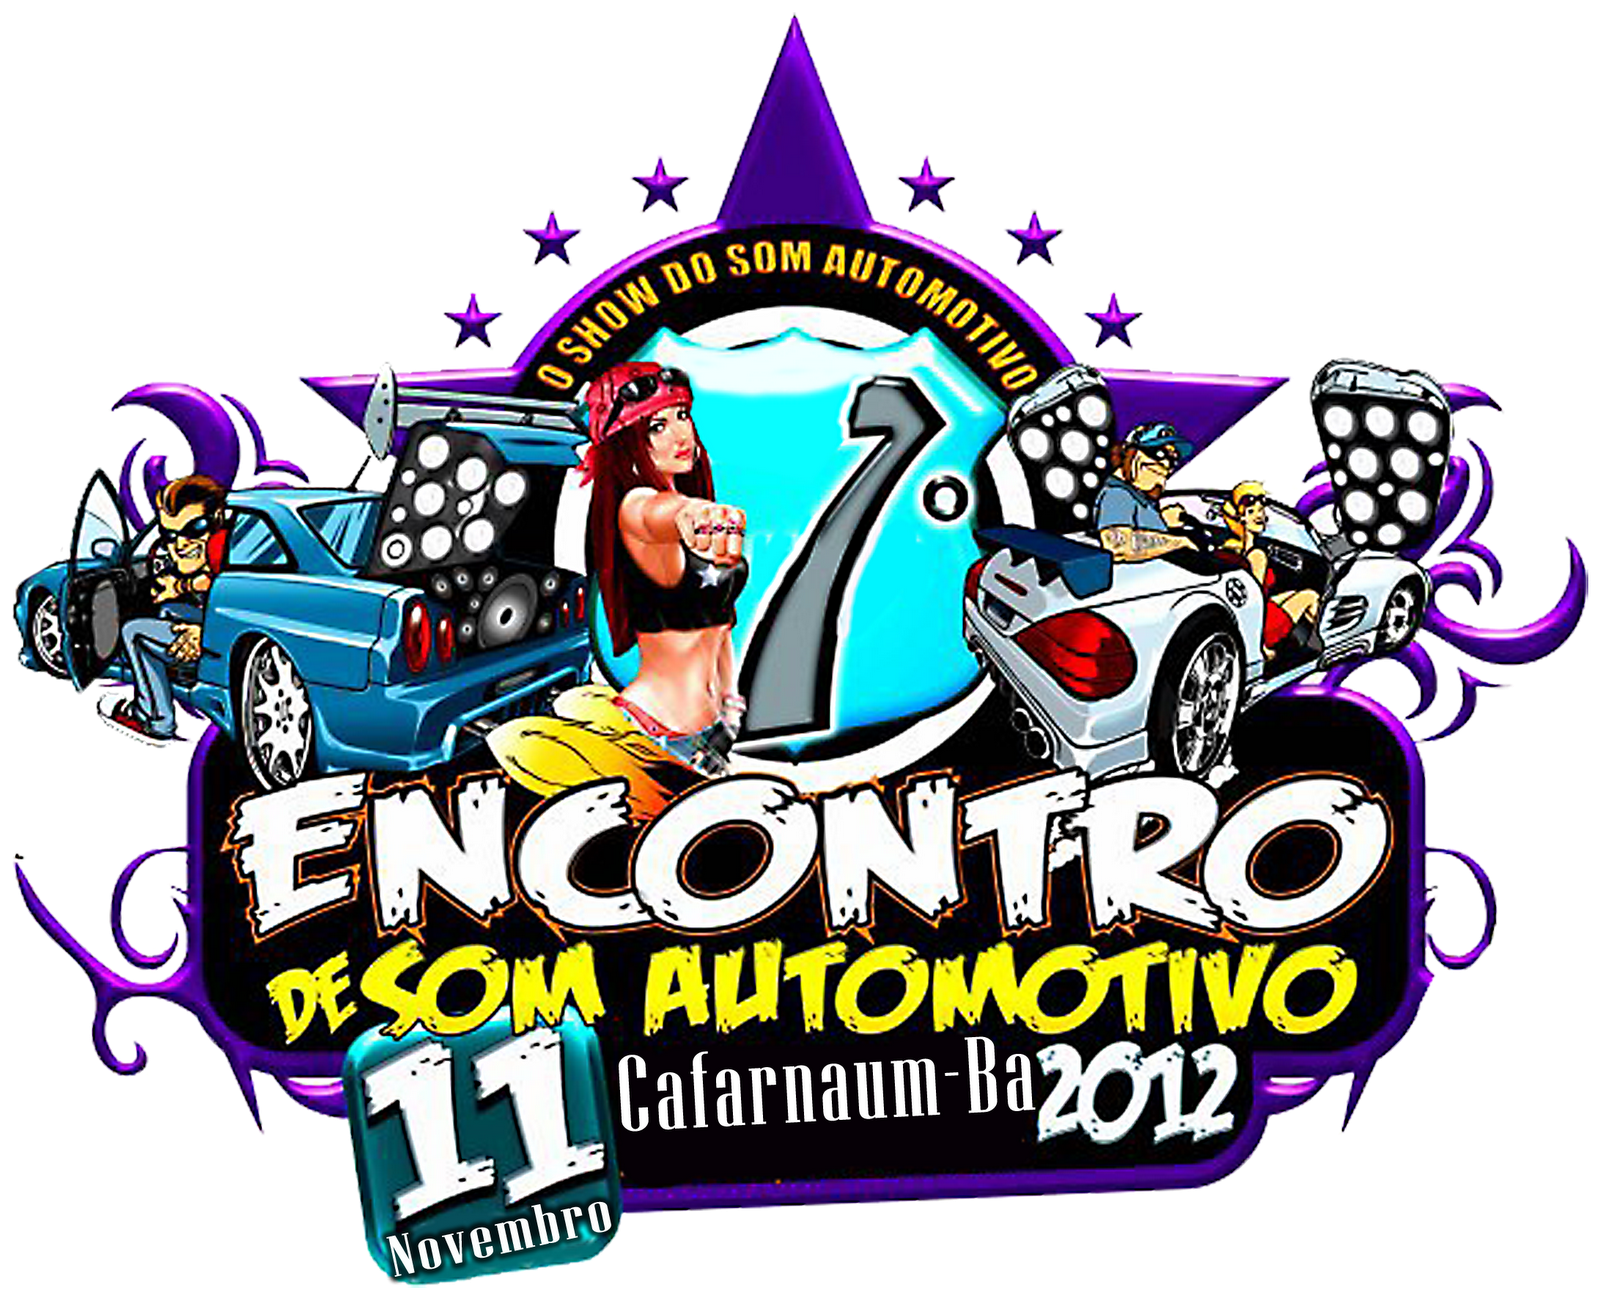 Som automotivo clipart svg royalty free 1º Encontro de som automotivo de Cafarnaum Ba | DJ GORDINHO CAF svg royalty free